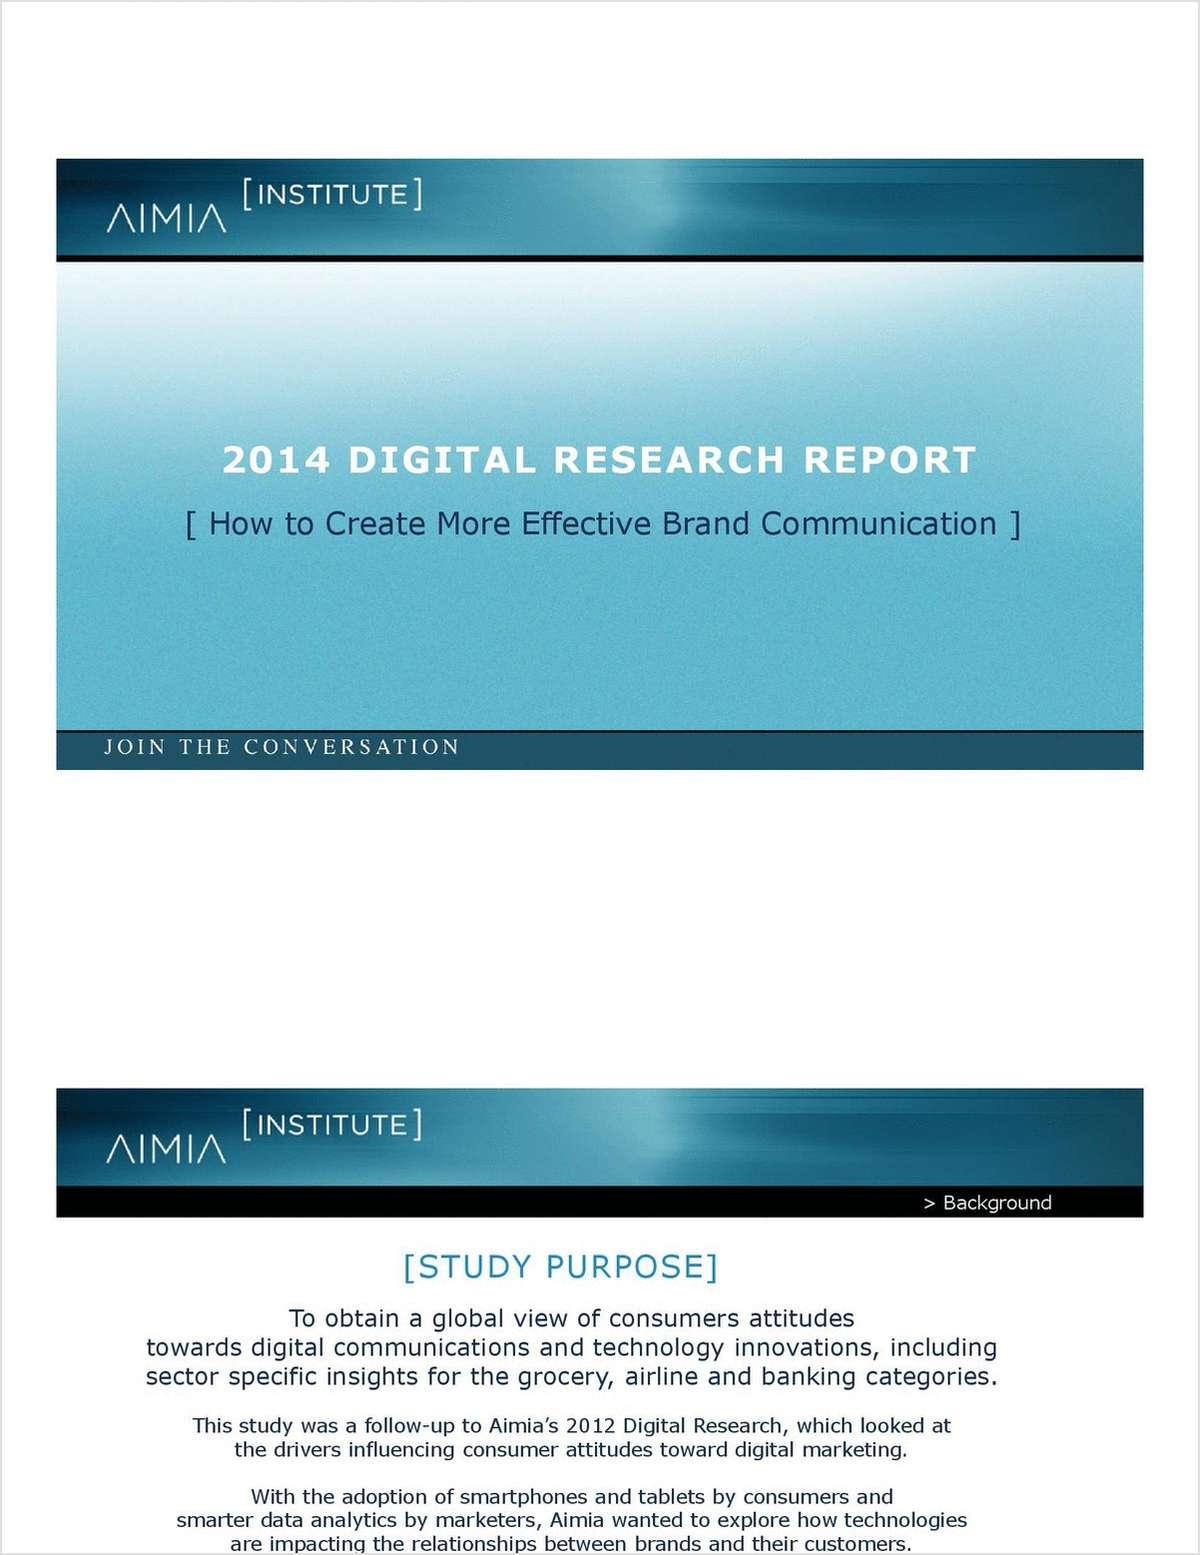 Digital Research Report